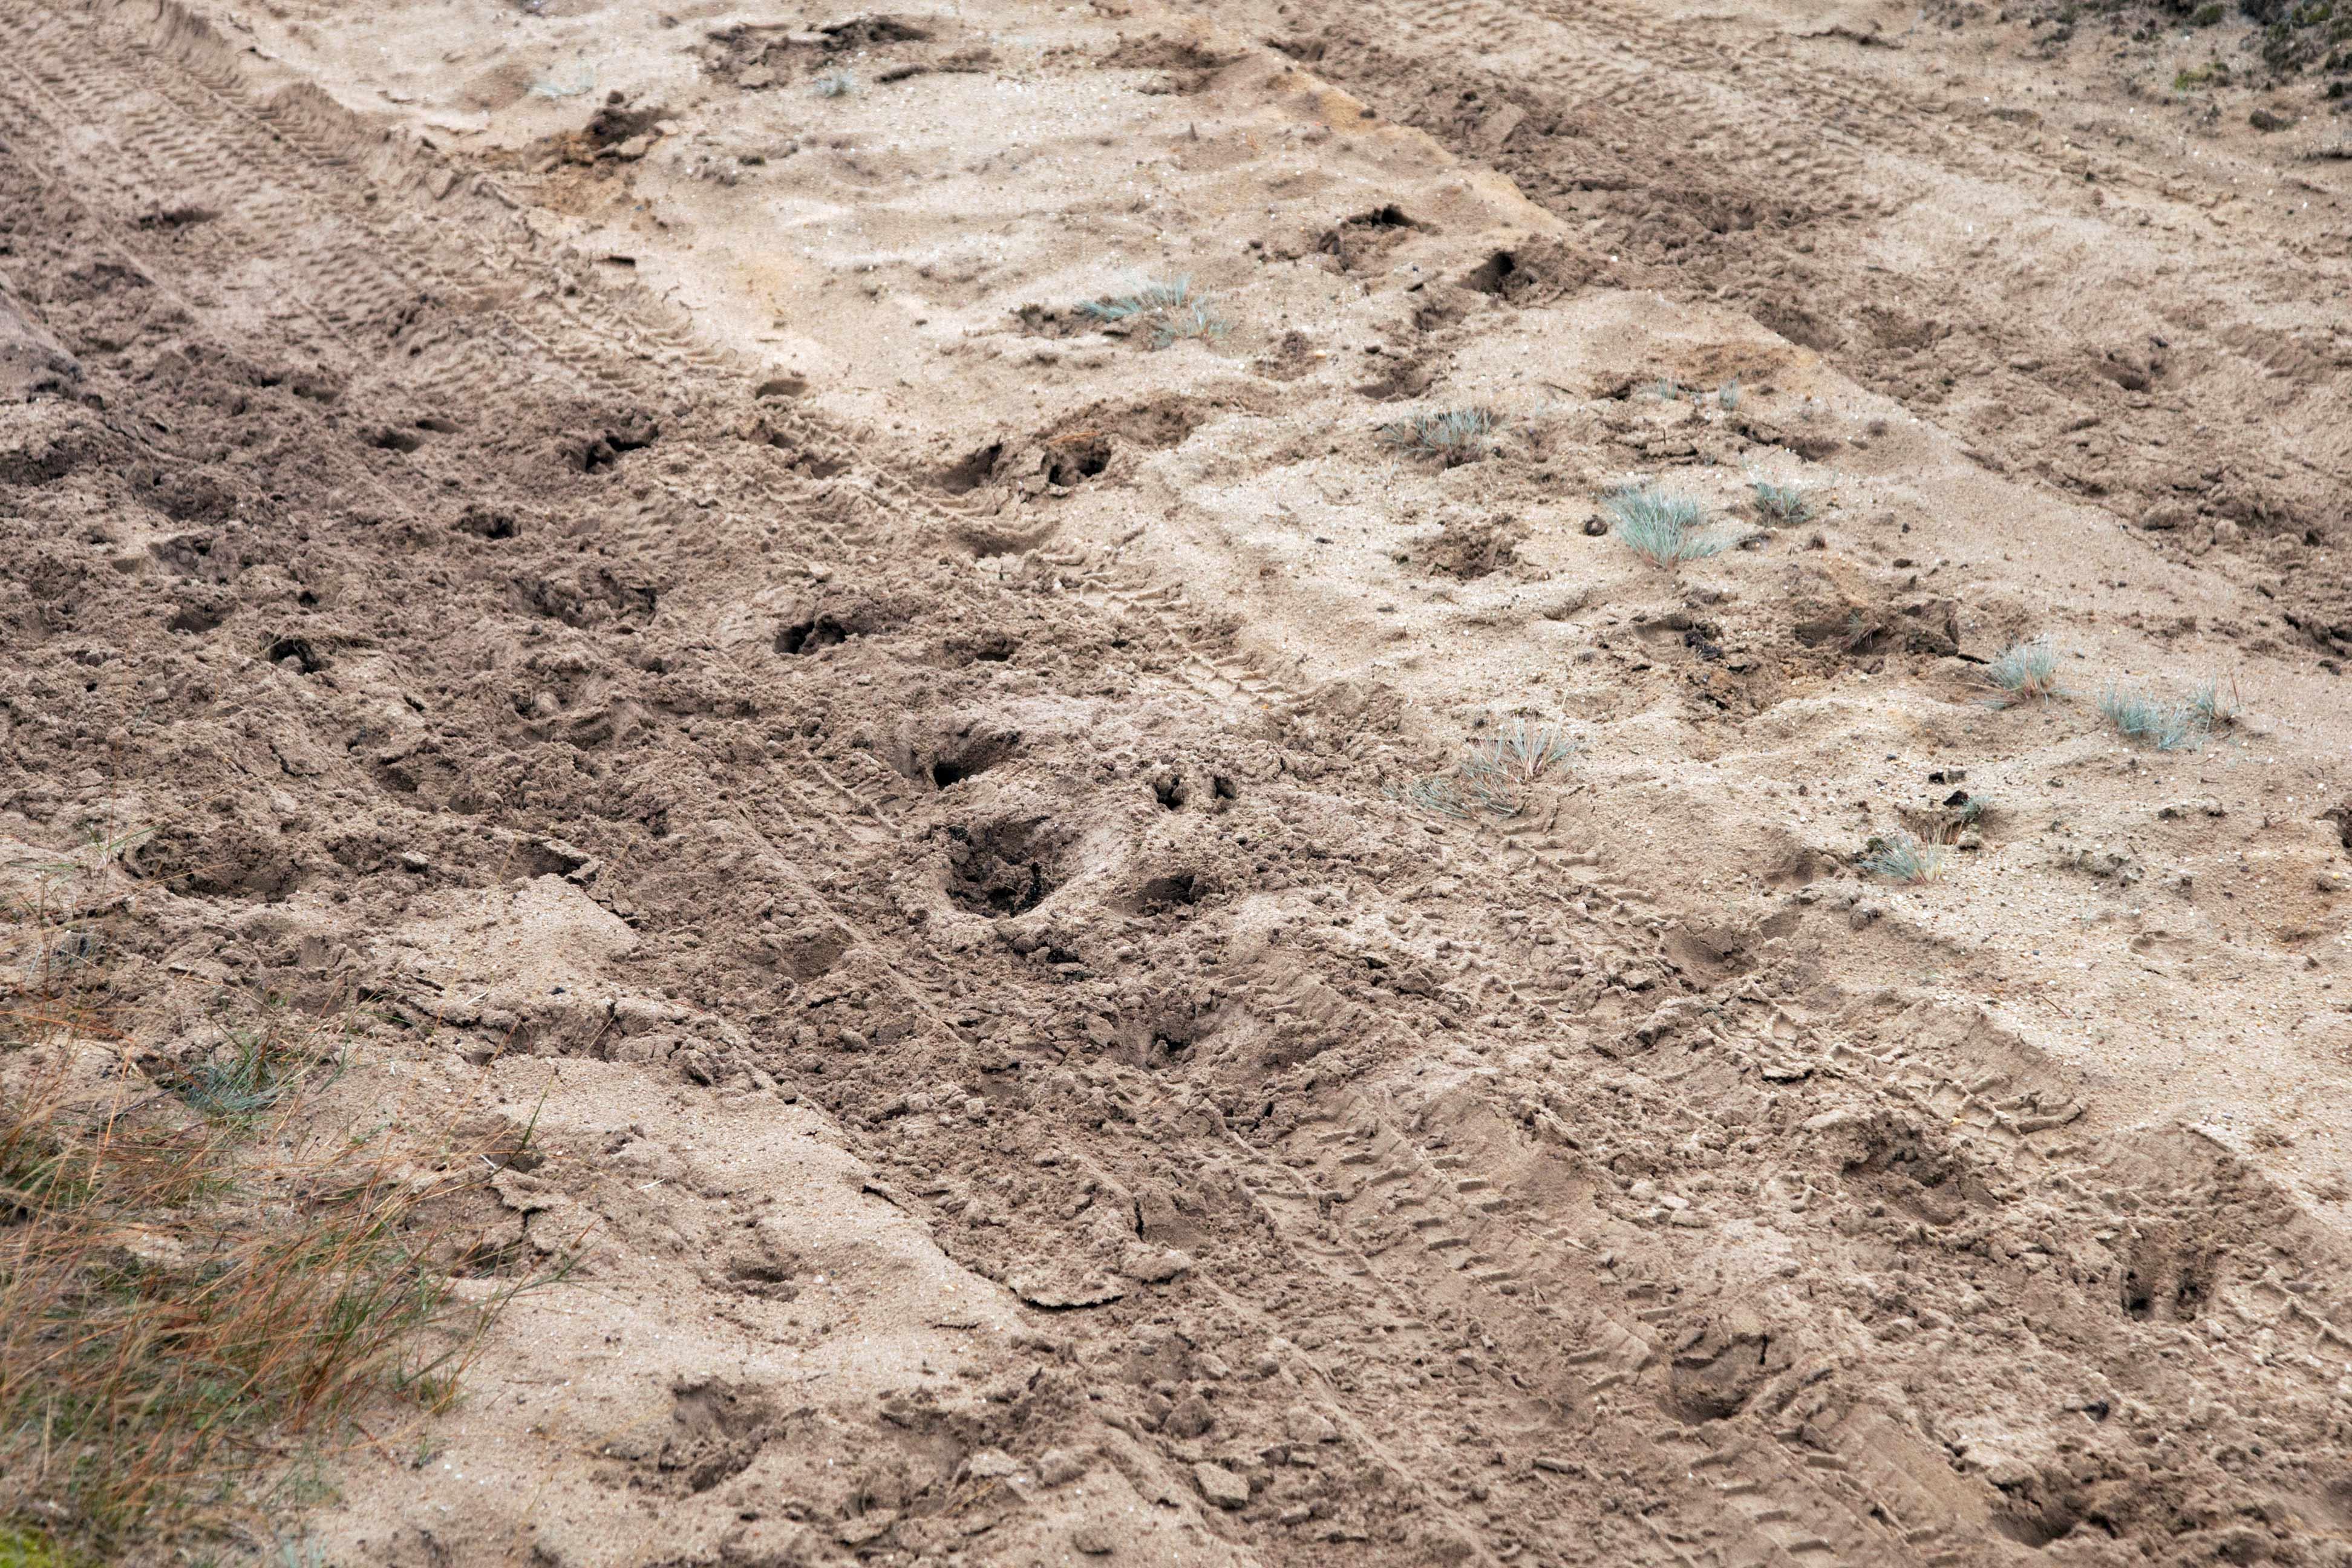 Sporen in het zand bij de insprong aan de Deelenseweg, gefotografeerd buiten het hek van De Hoge Veluwe op 17 oktober 2015 – Foto: ©Anja Arentzen